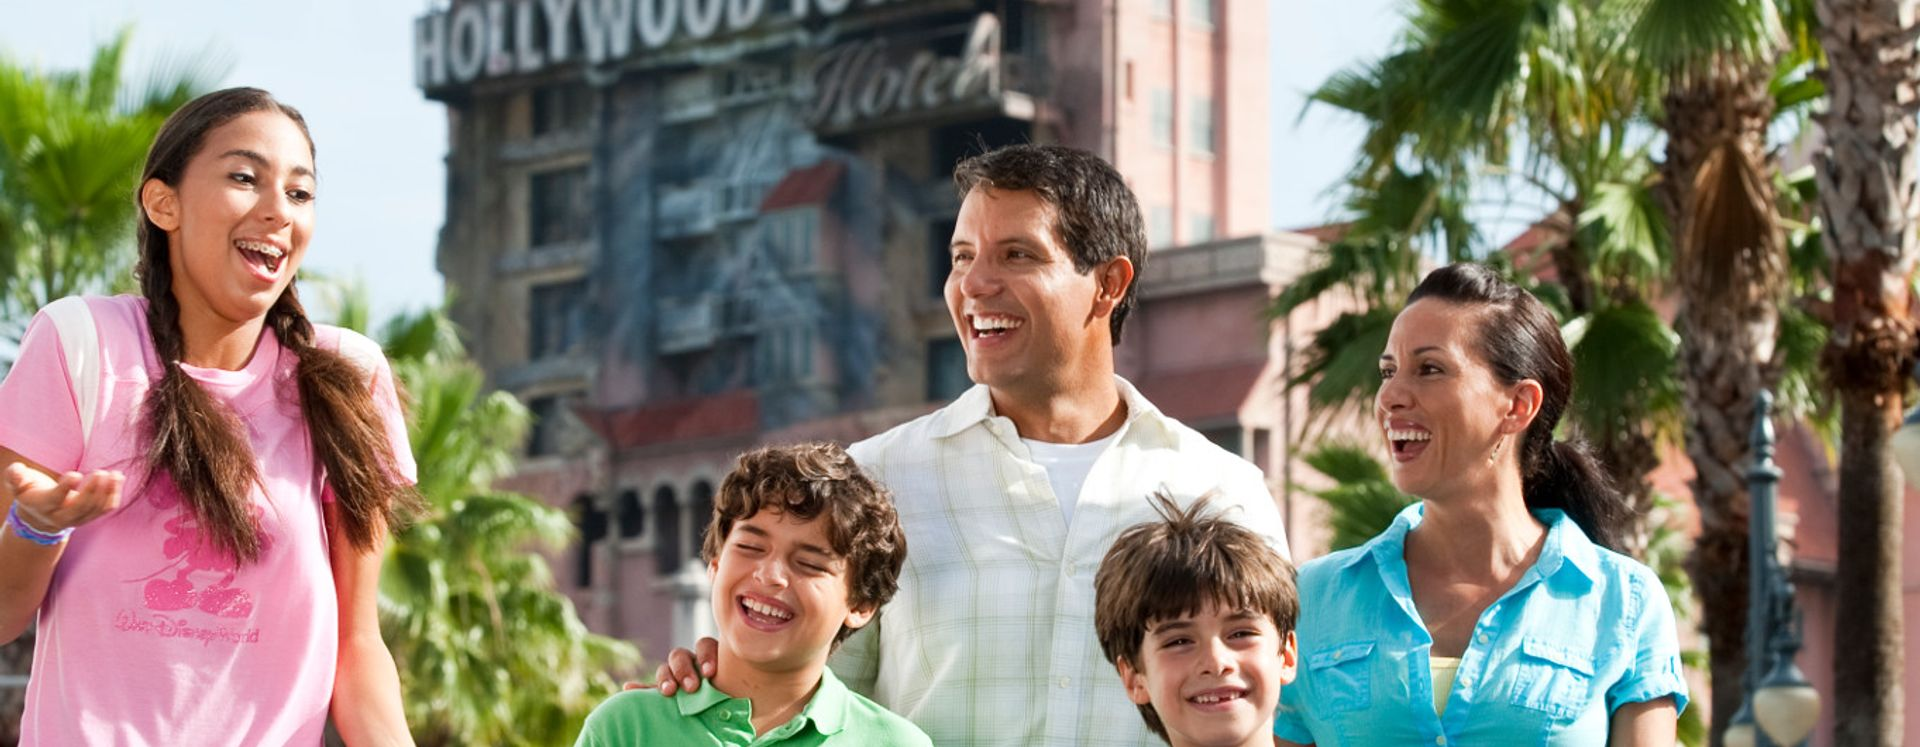 Una atracción del parque temático Disney's Hollywood Studios